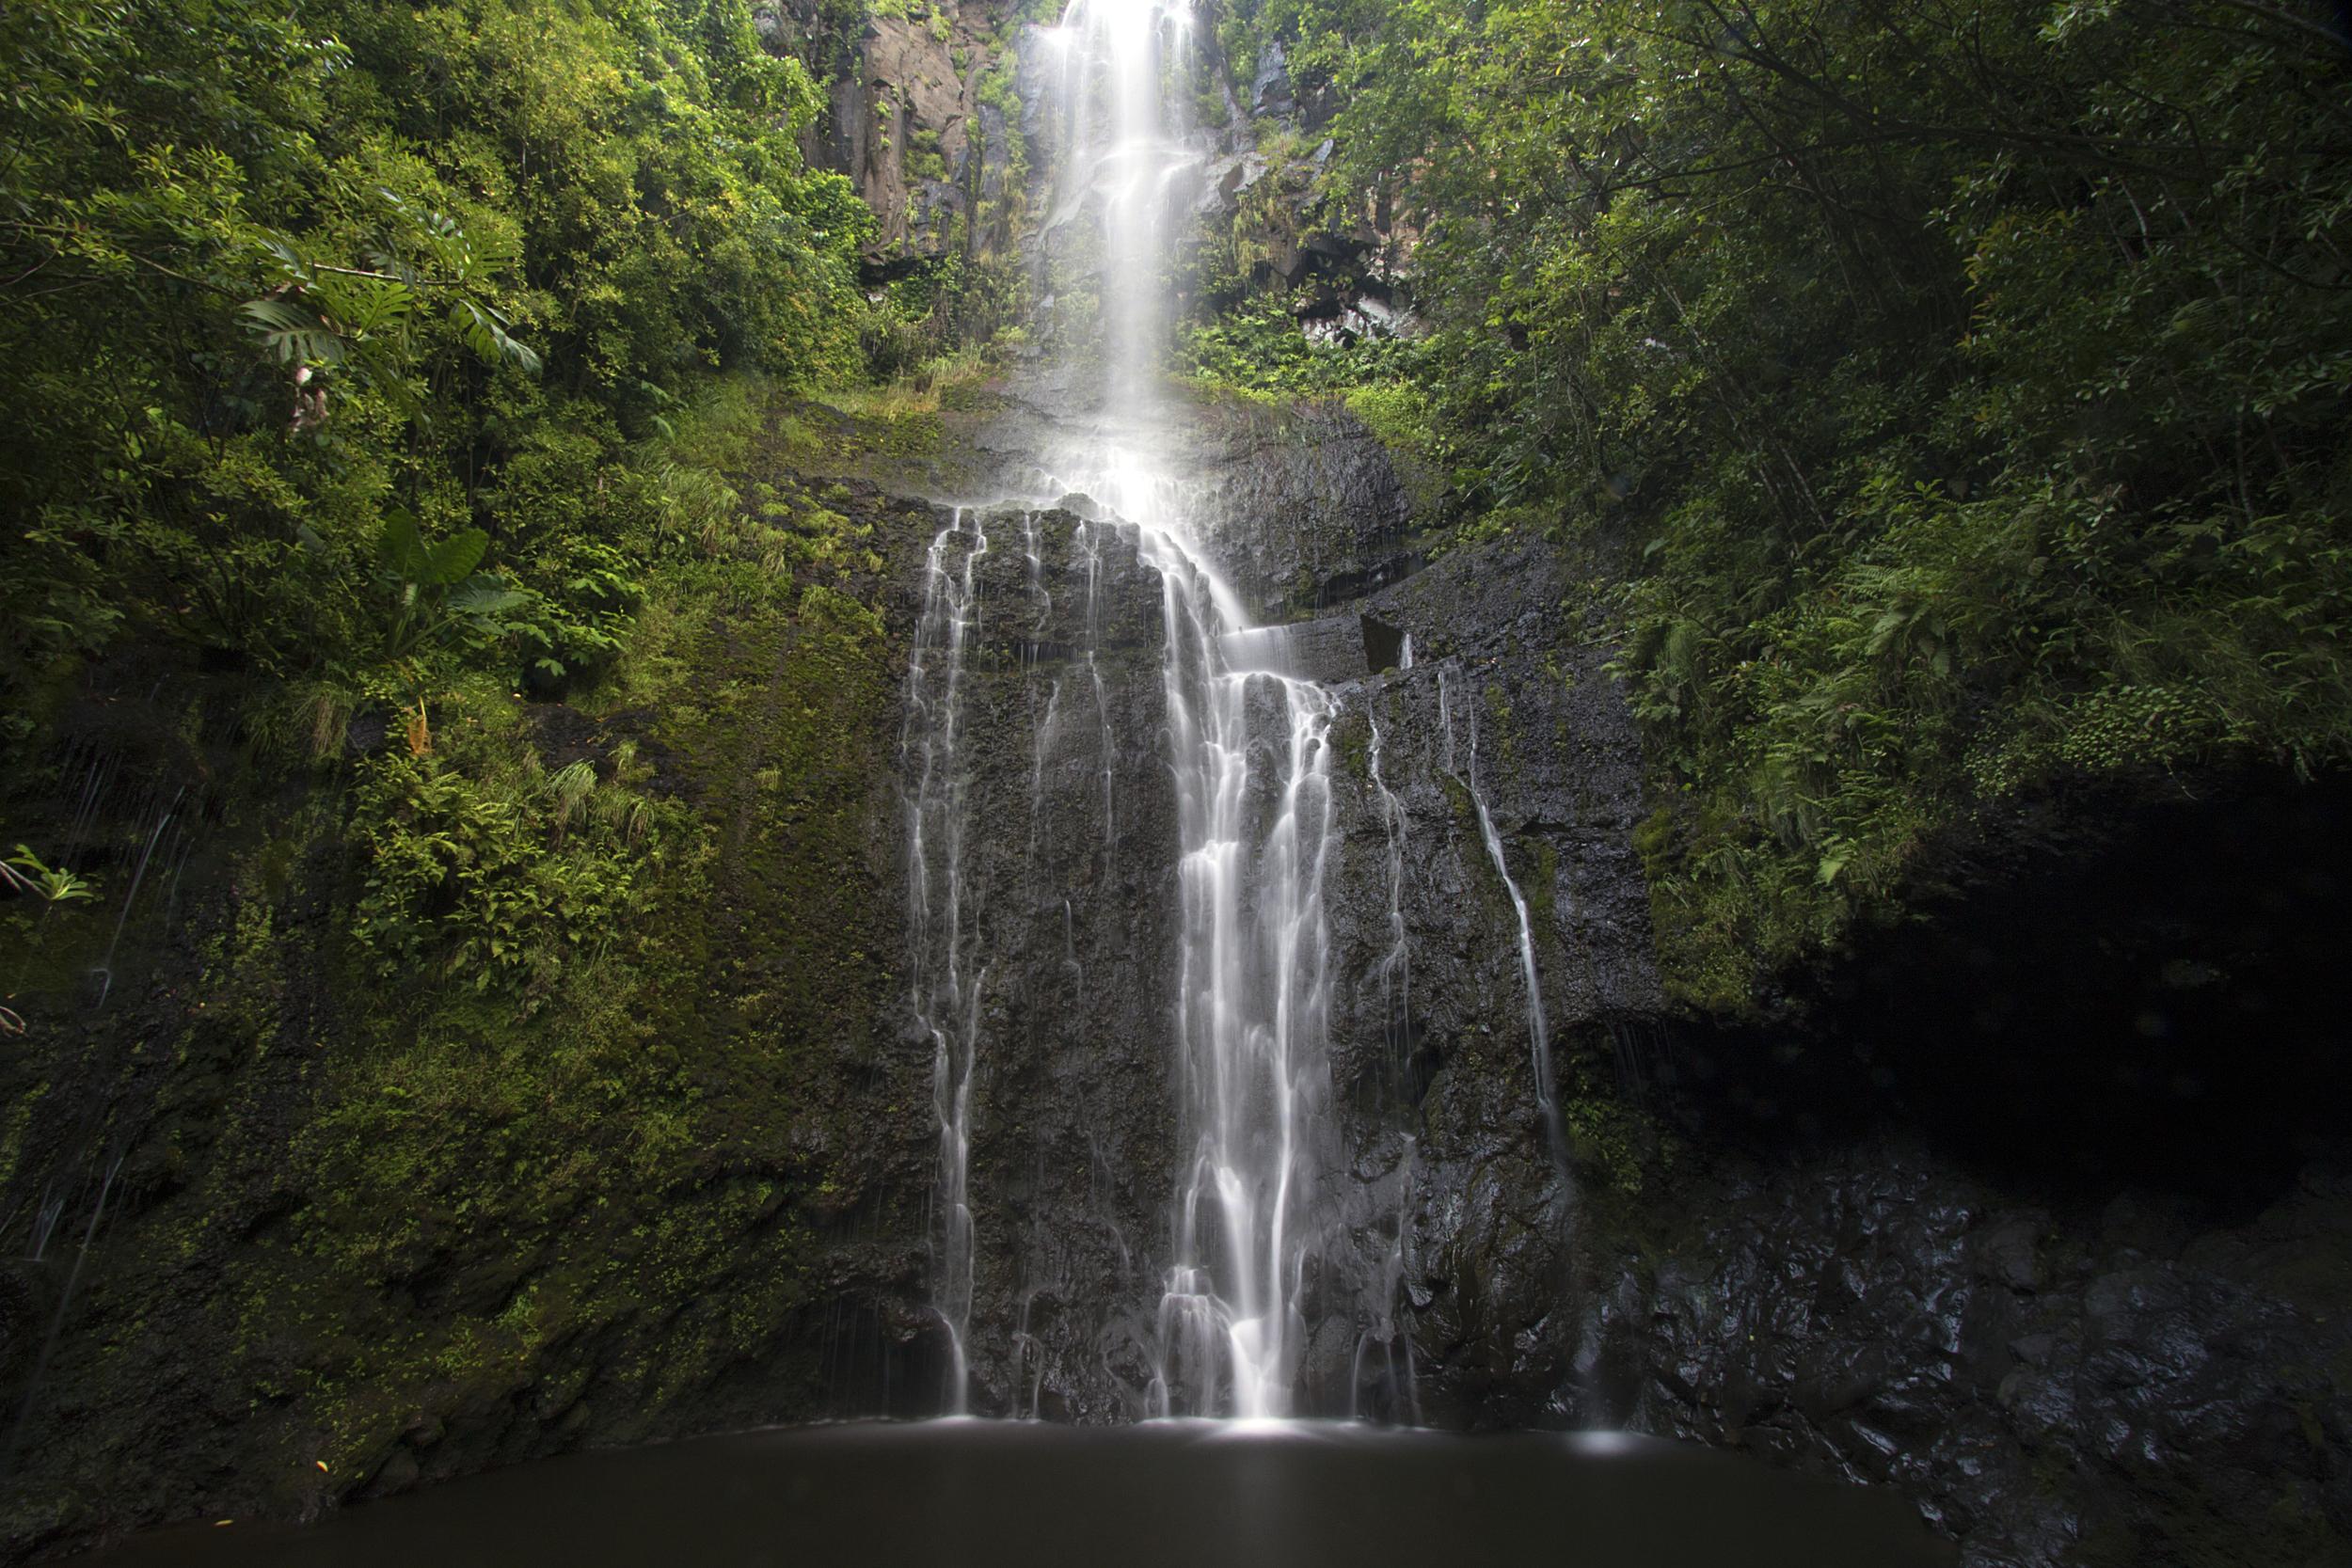 Maui Falls